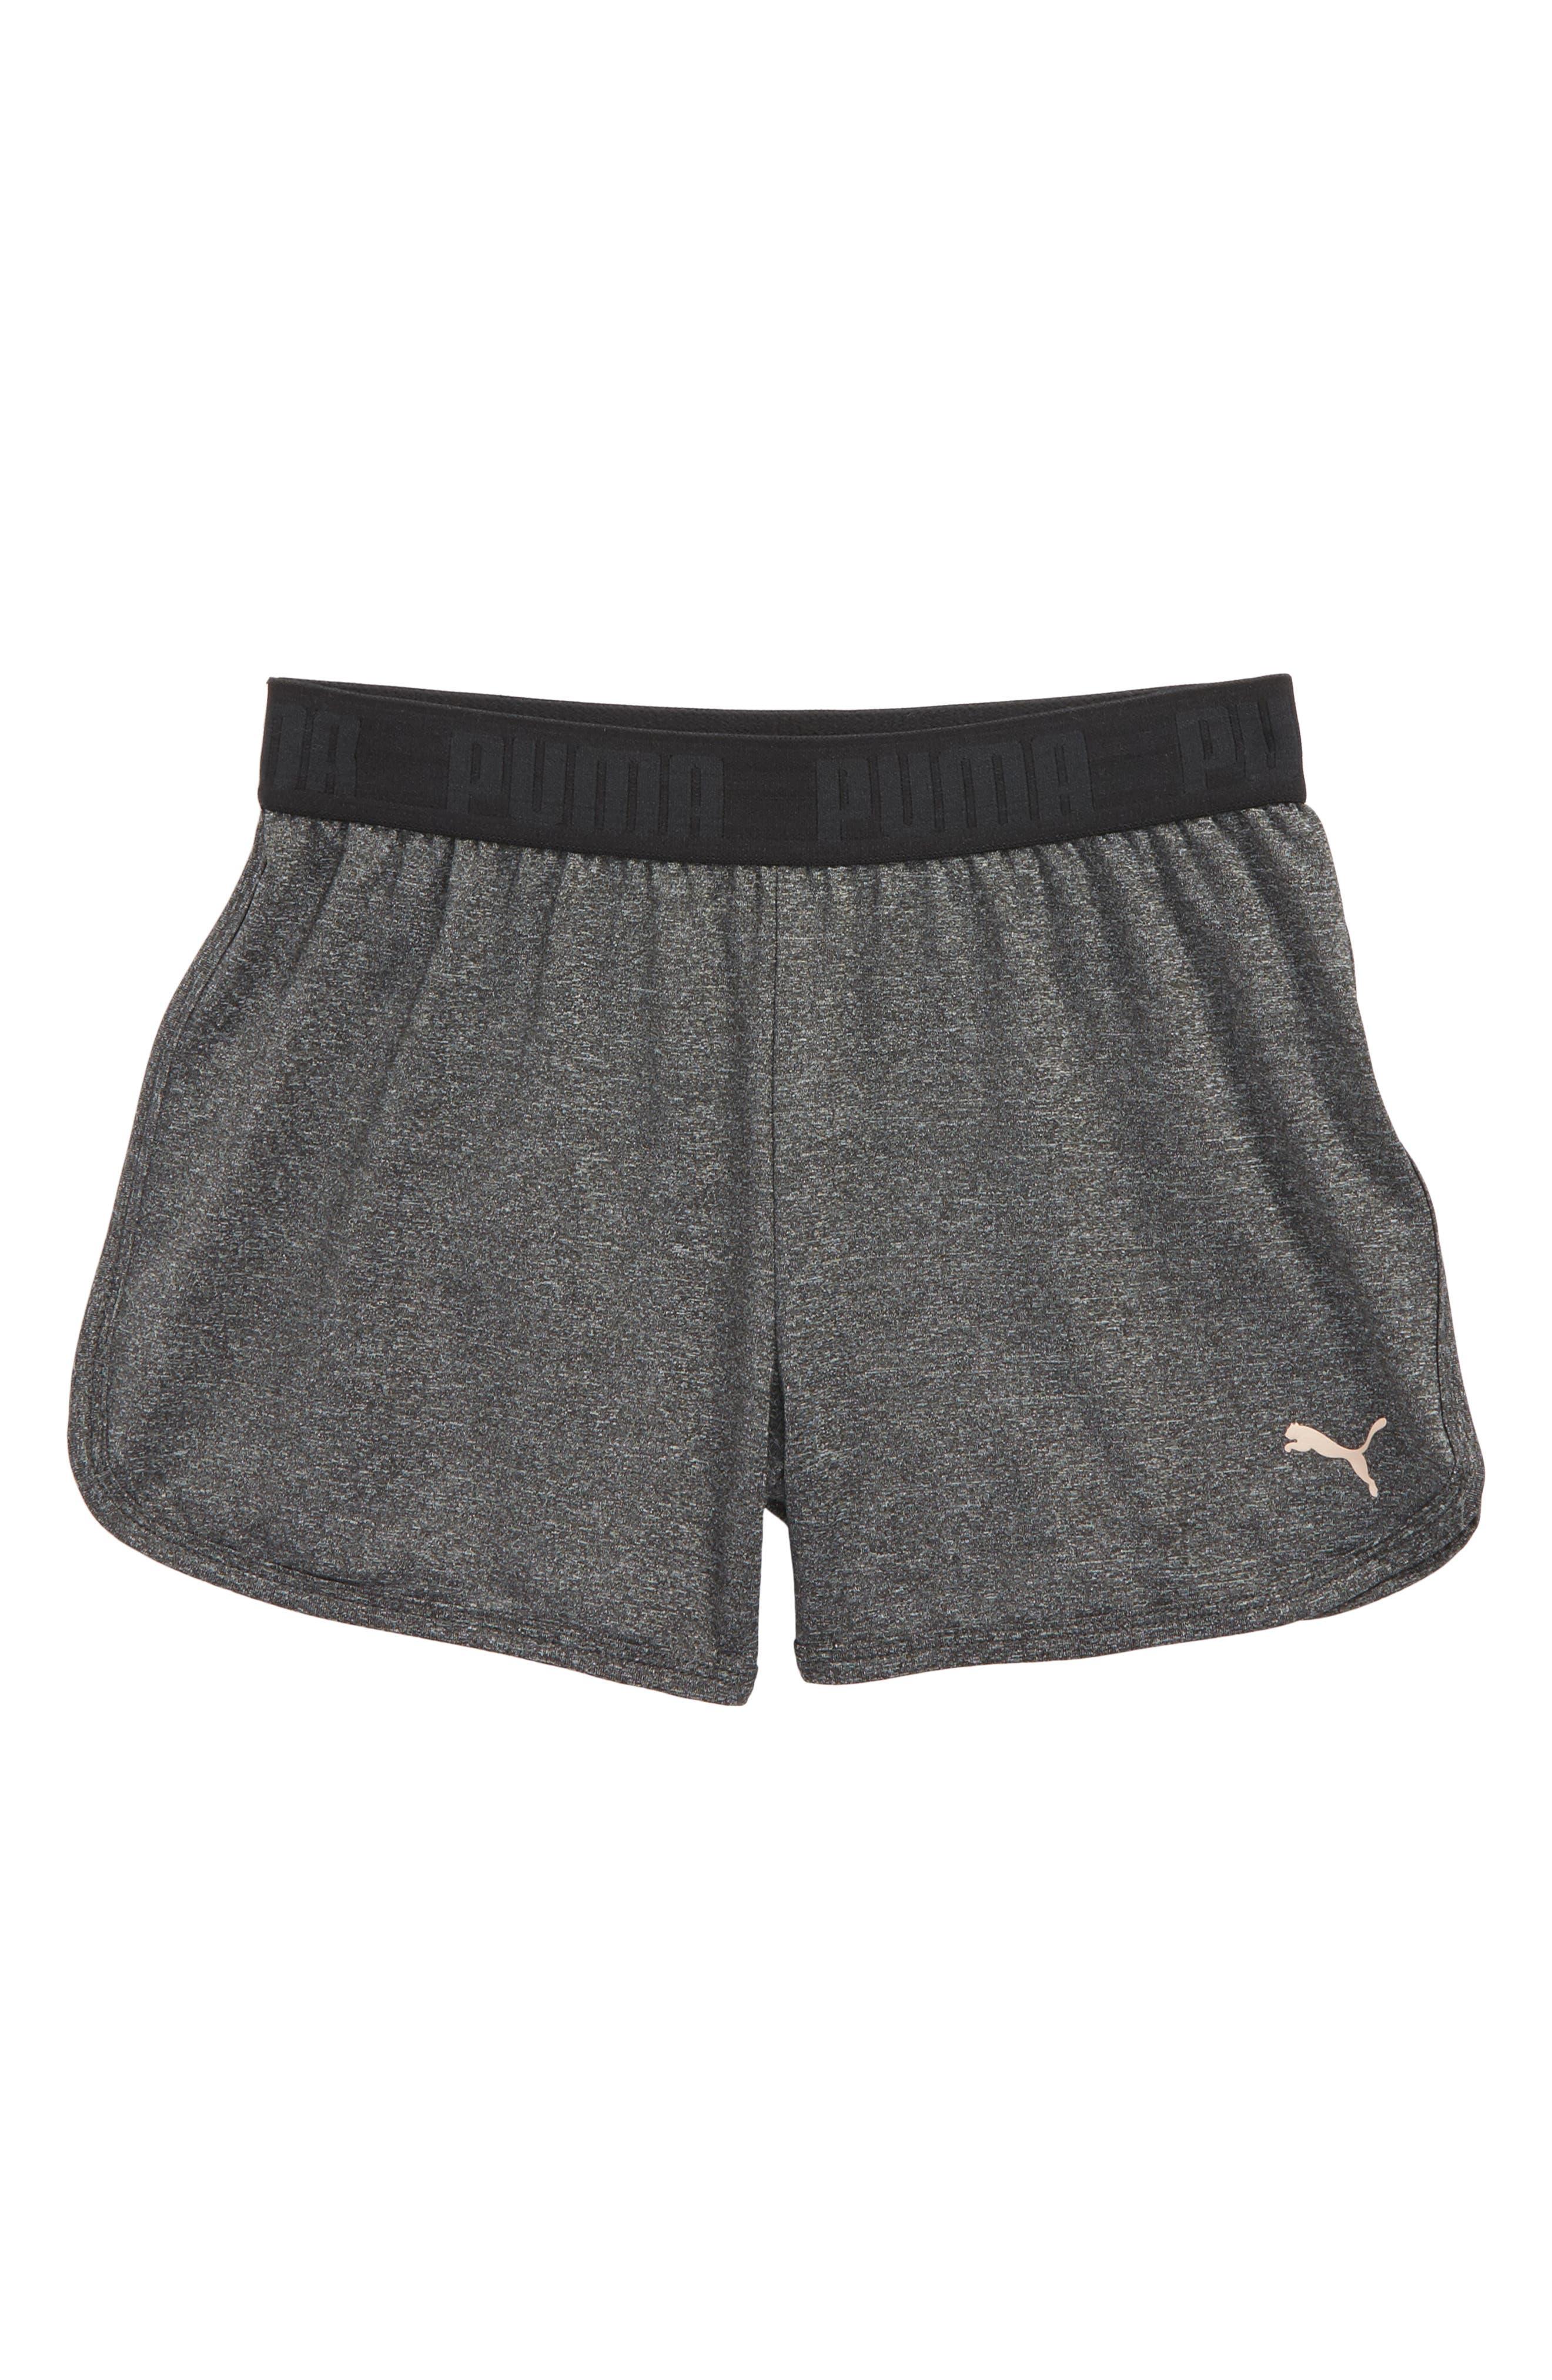 Logo Sport Shorts,                         Main,                         color, Ebony Heather Grey